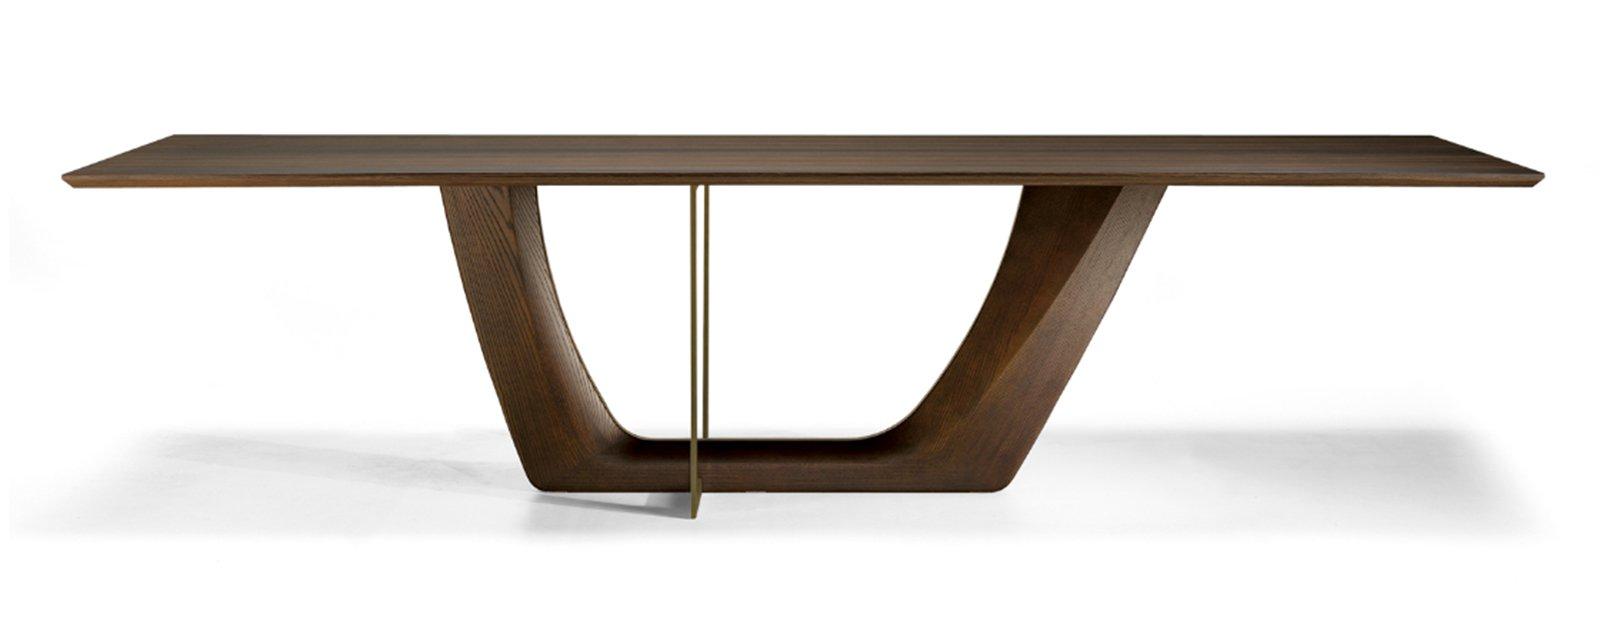 Tavolo Con Gamba Centrale tavoli con sostegno centrale - cose di casa